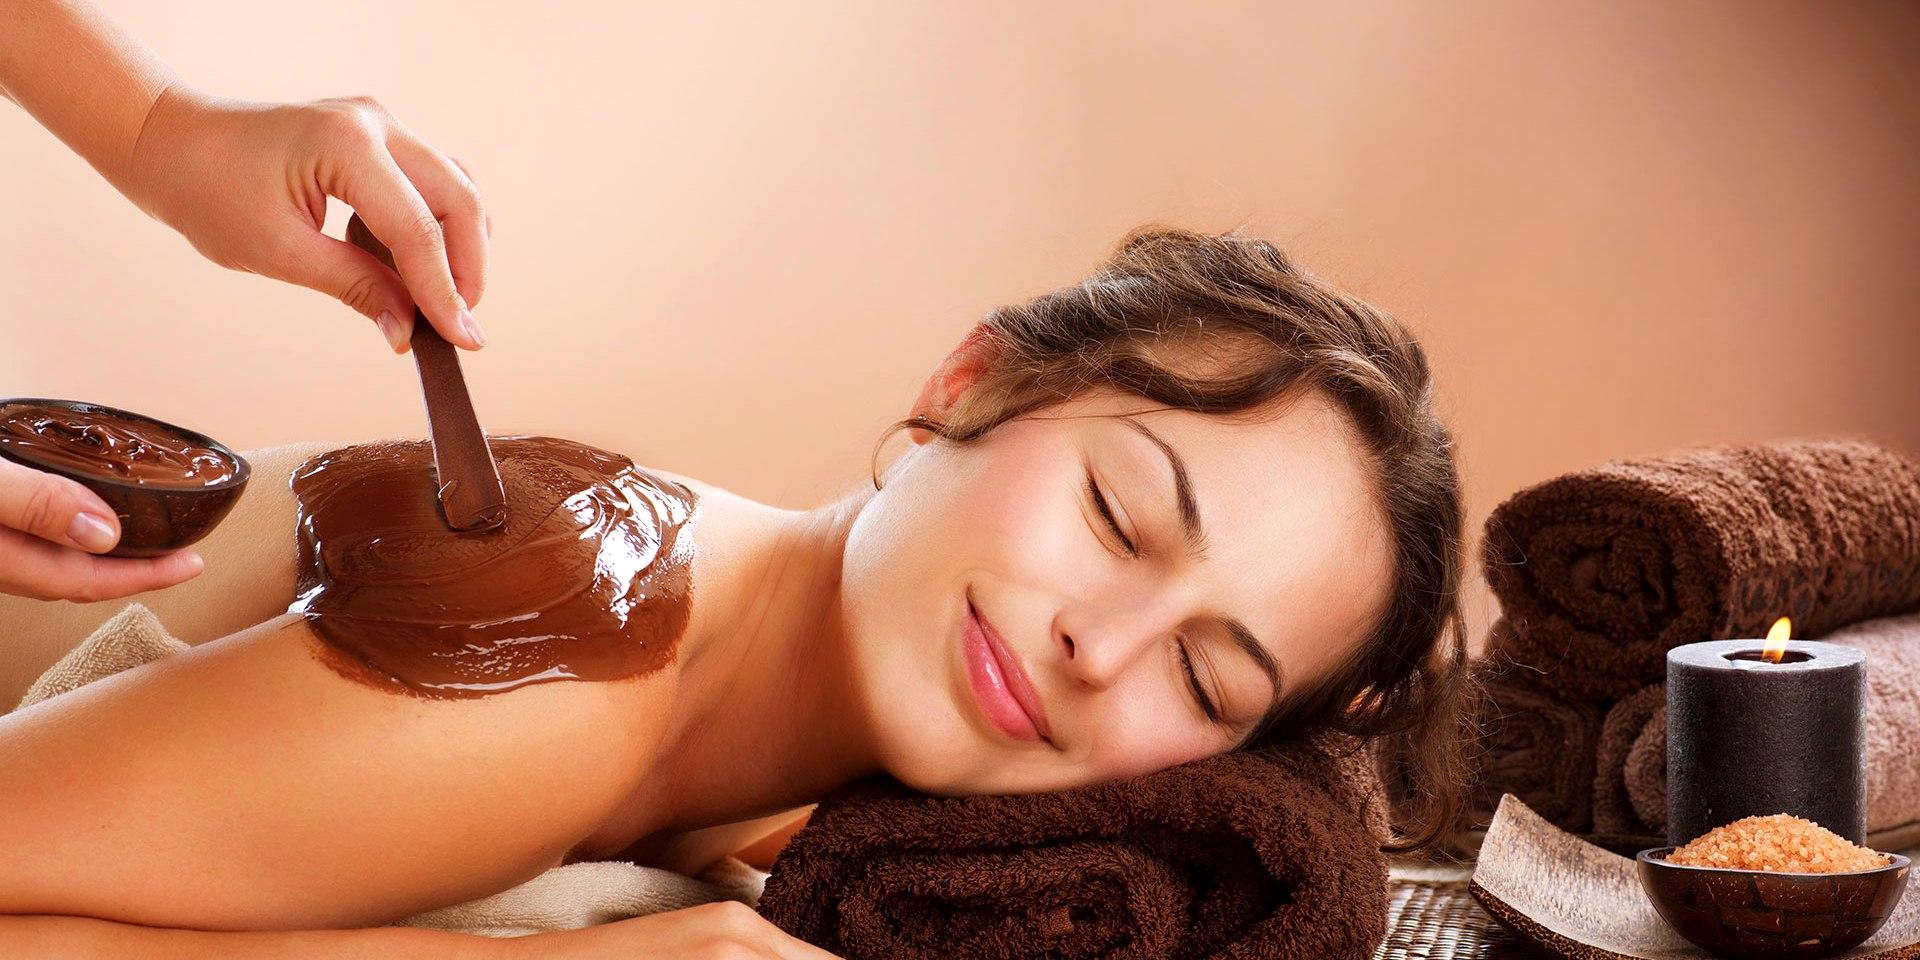 из какао порошка - Какао порошок – самый вкусный и ароматный косметолог!